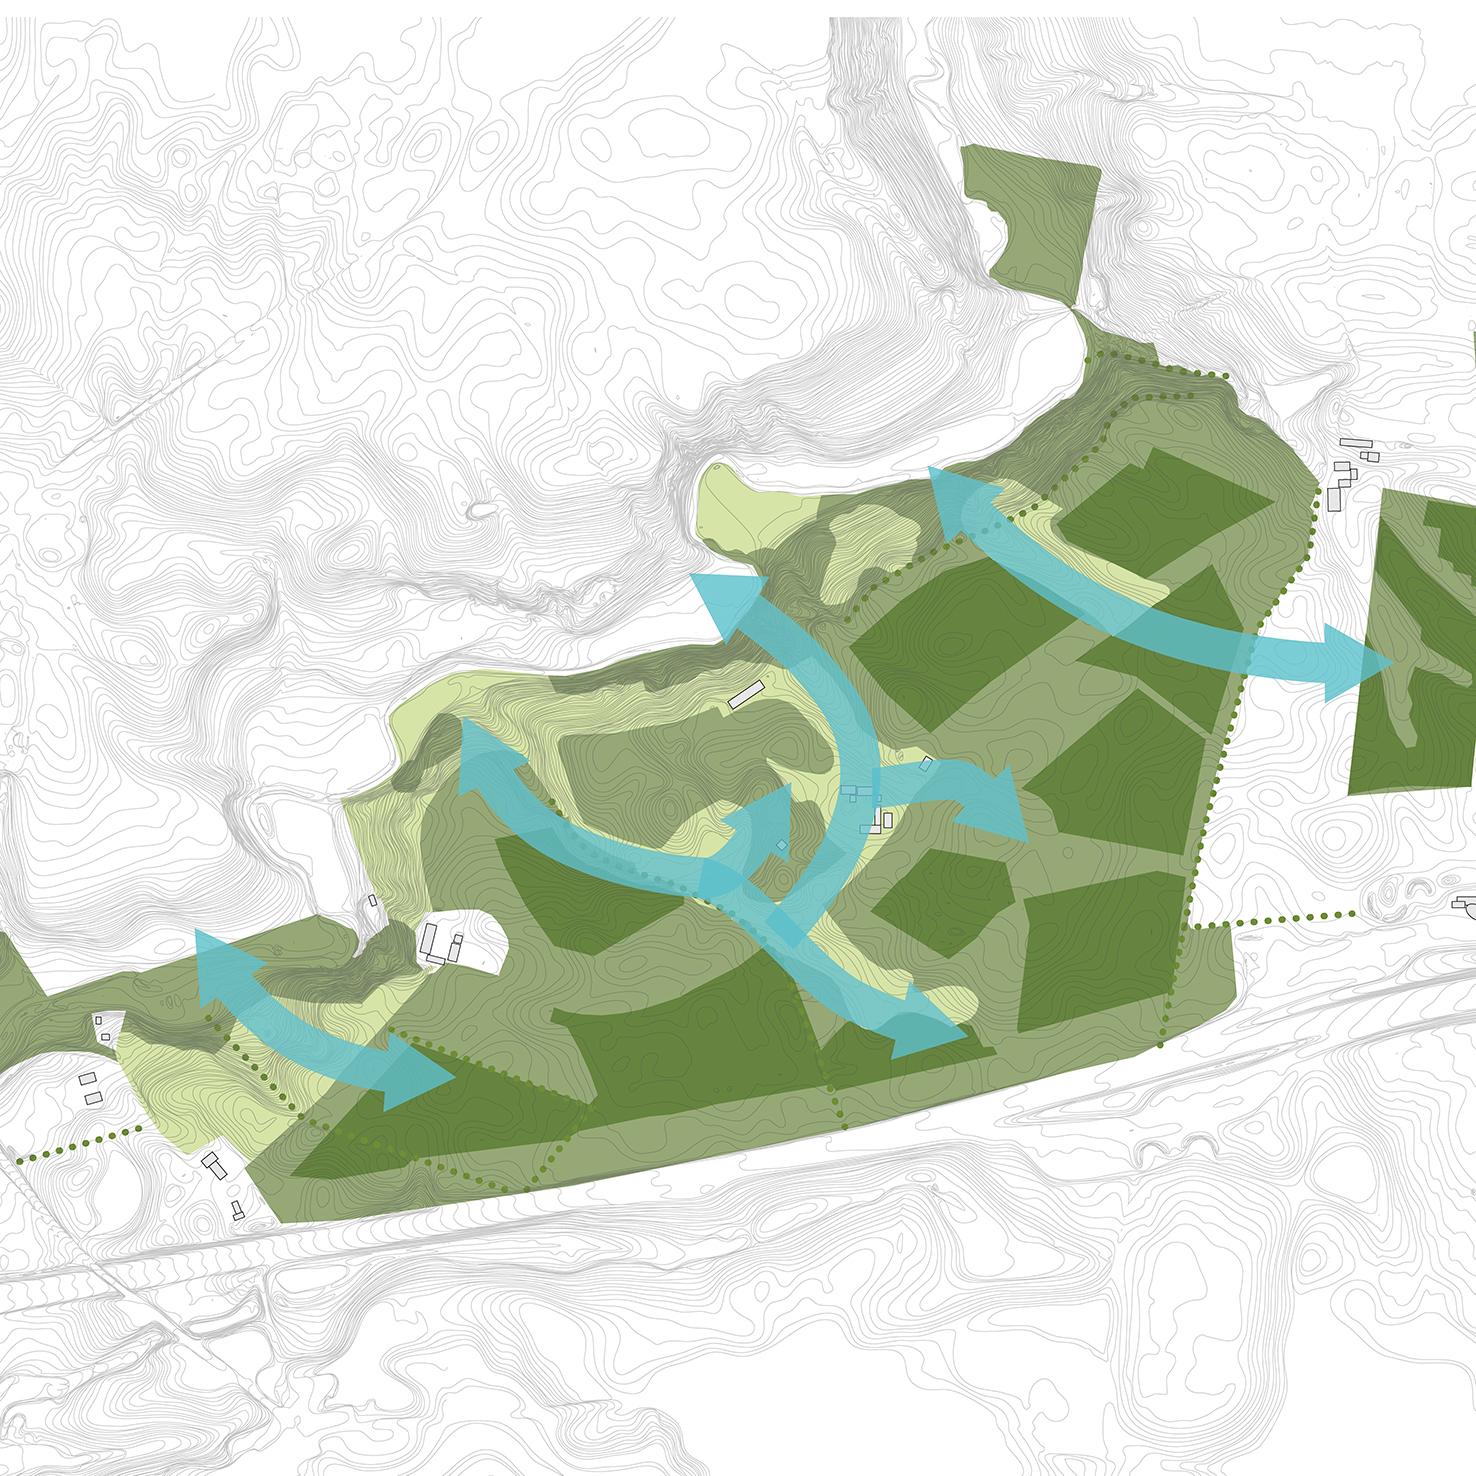 Landbomuseet Kolding MOOS LANDSKABER analyse skovkort